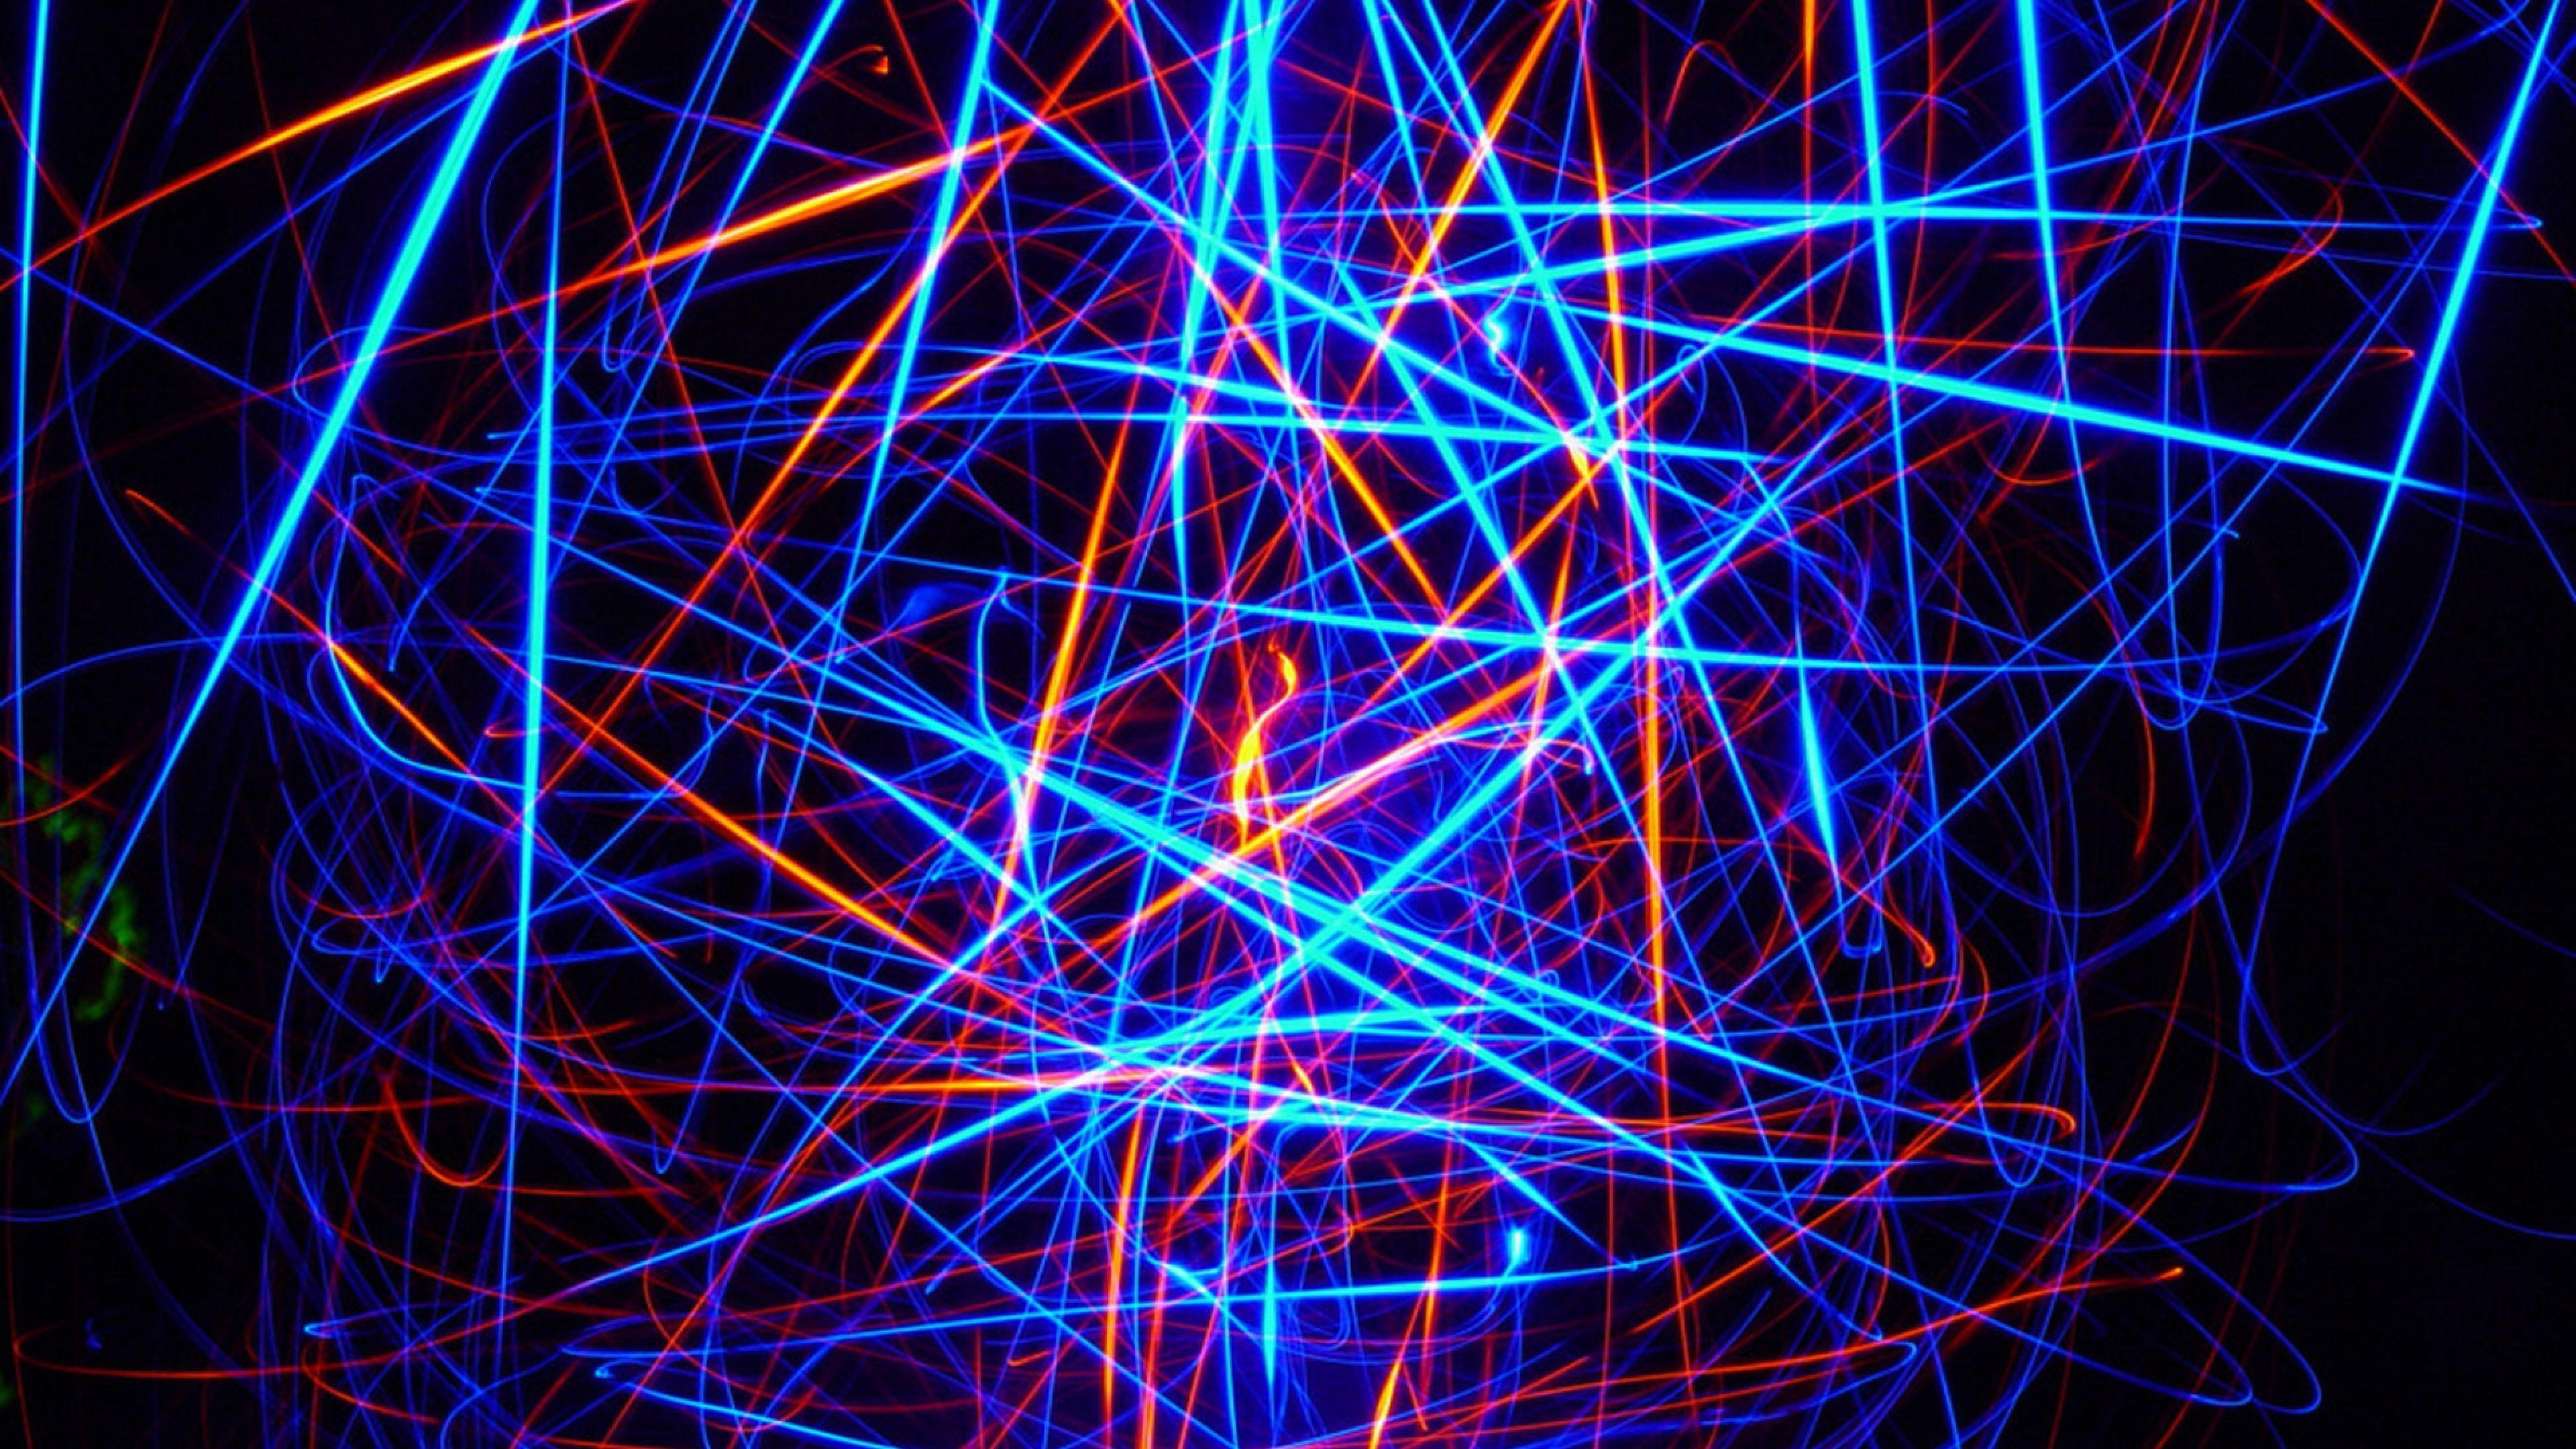 Liquid HD Neon Wallpapers - Top Free Liquid HD Neon